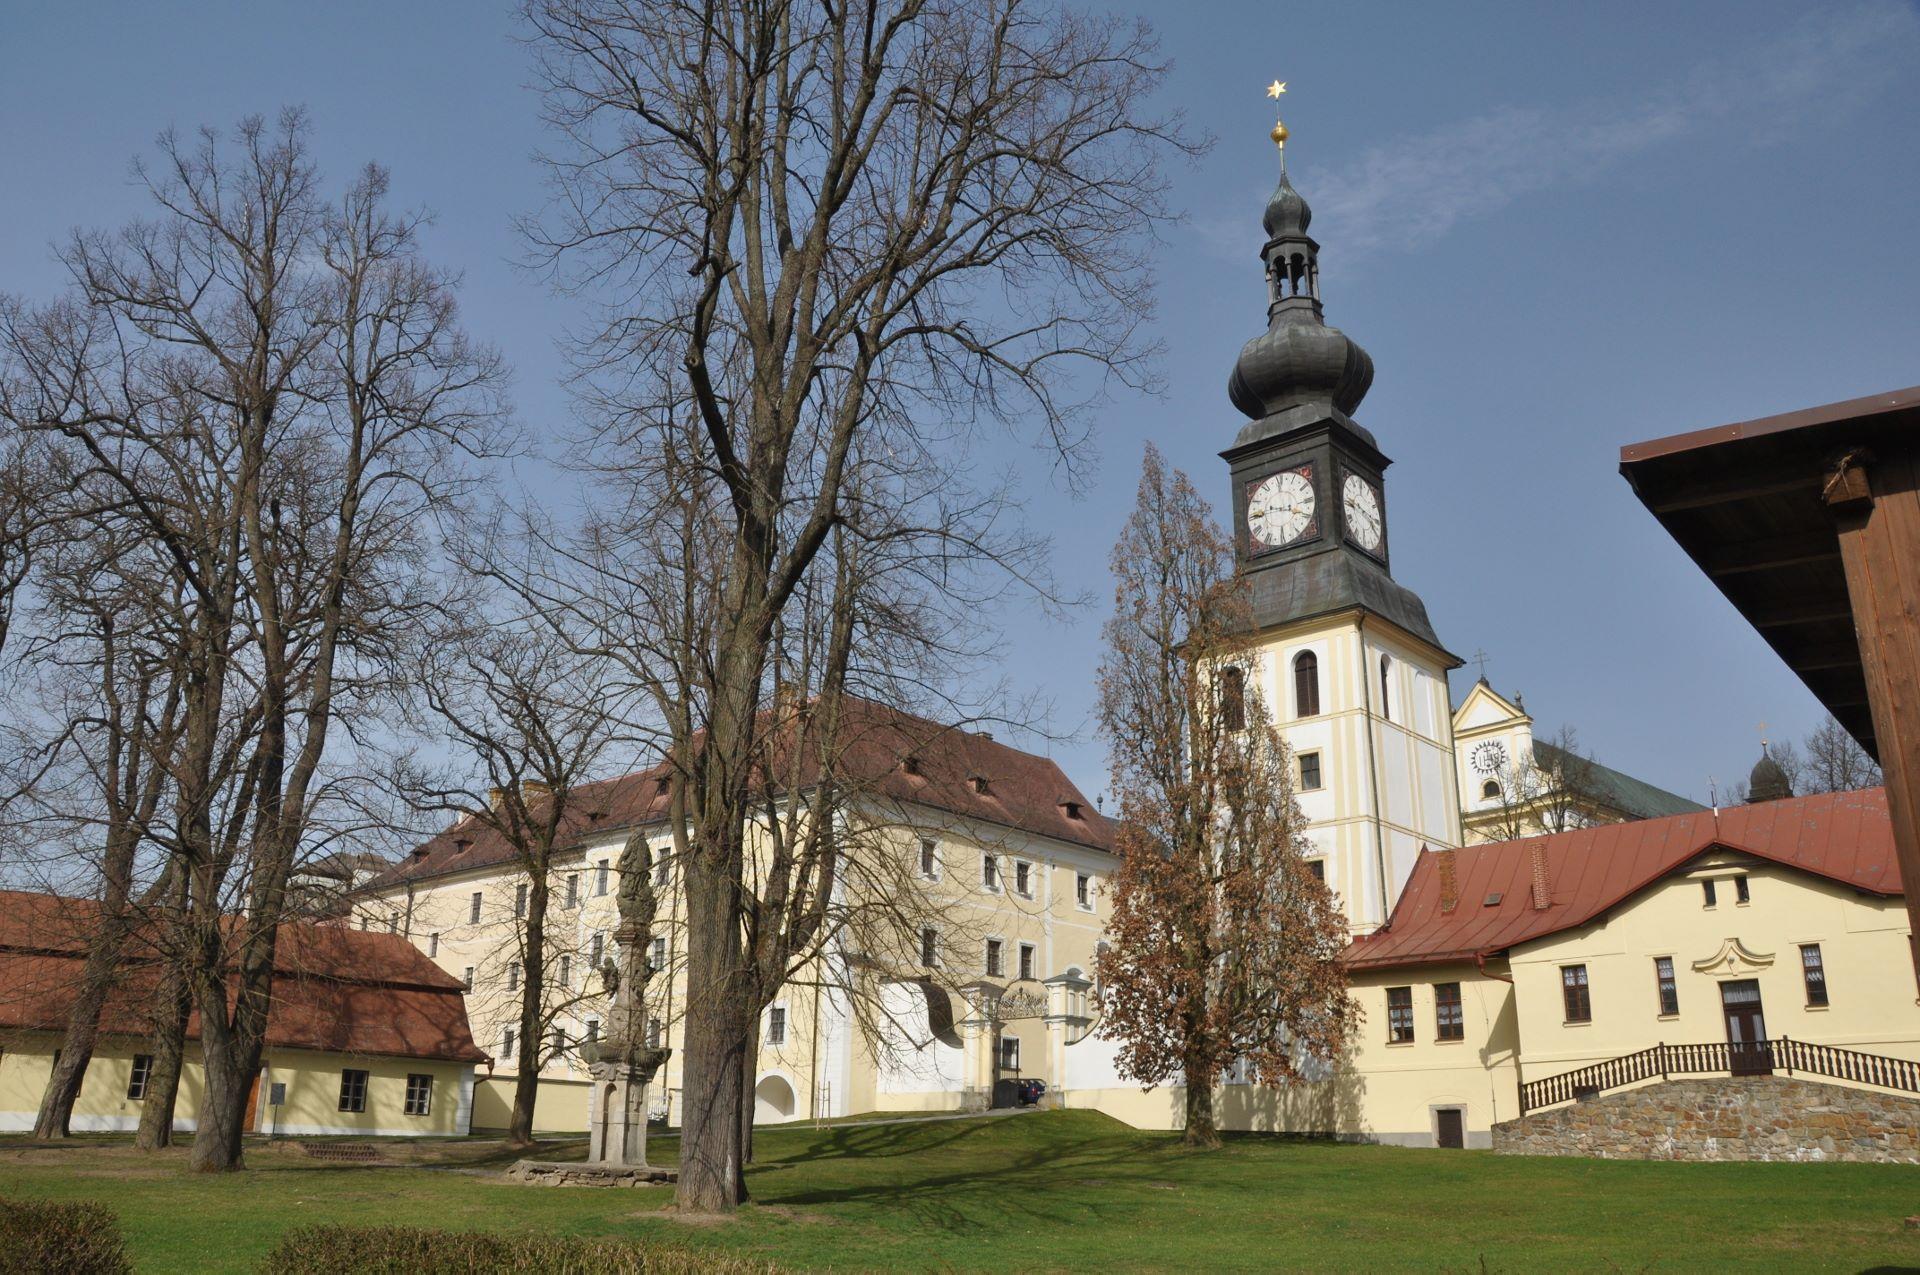 File:Kloster bzw Schloss Zďár nad Sázavou (41437256921).jpg - Wikimedia  Commons